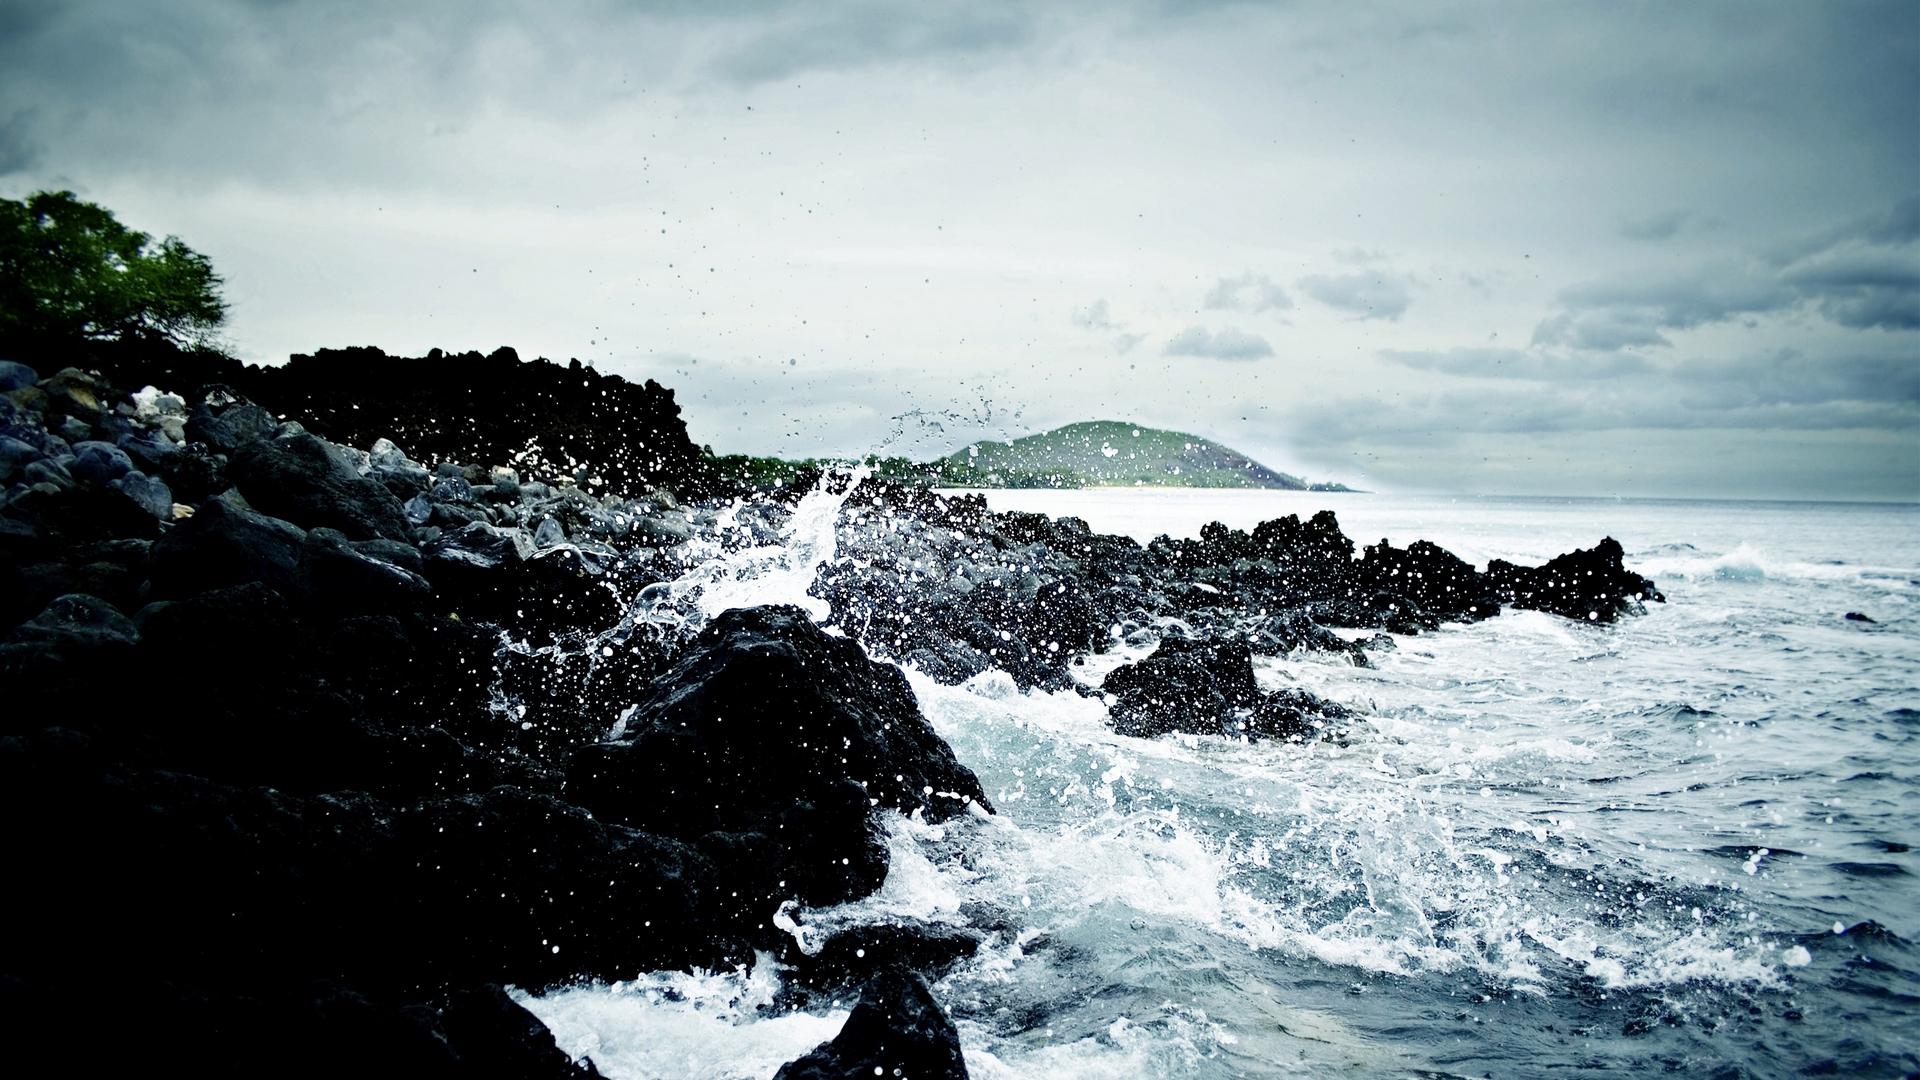 Waves Crashing On Rock Wallpapers